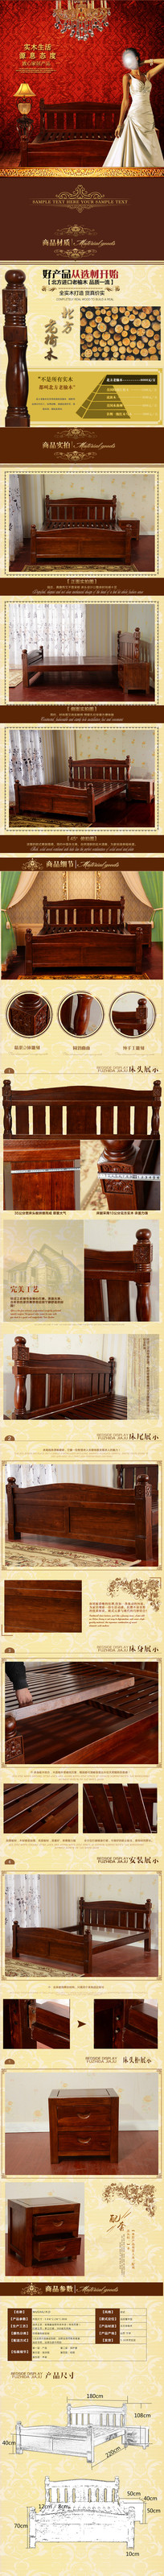 复古欧式家具详情设计